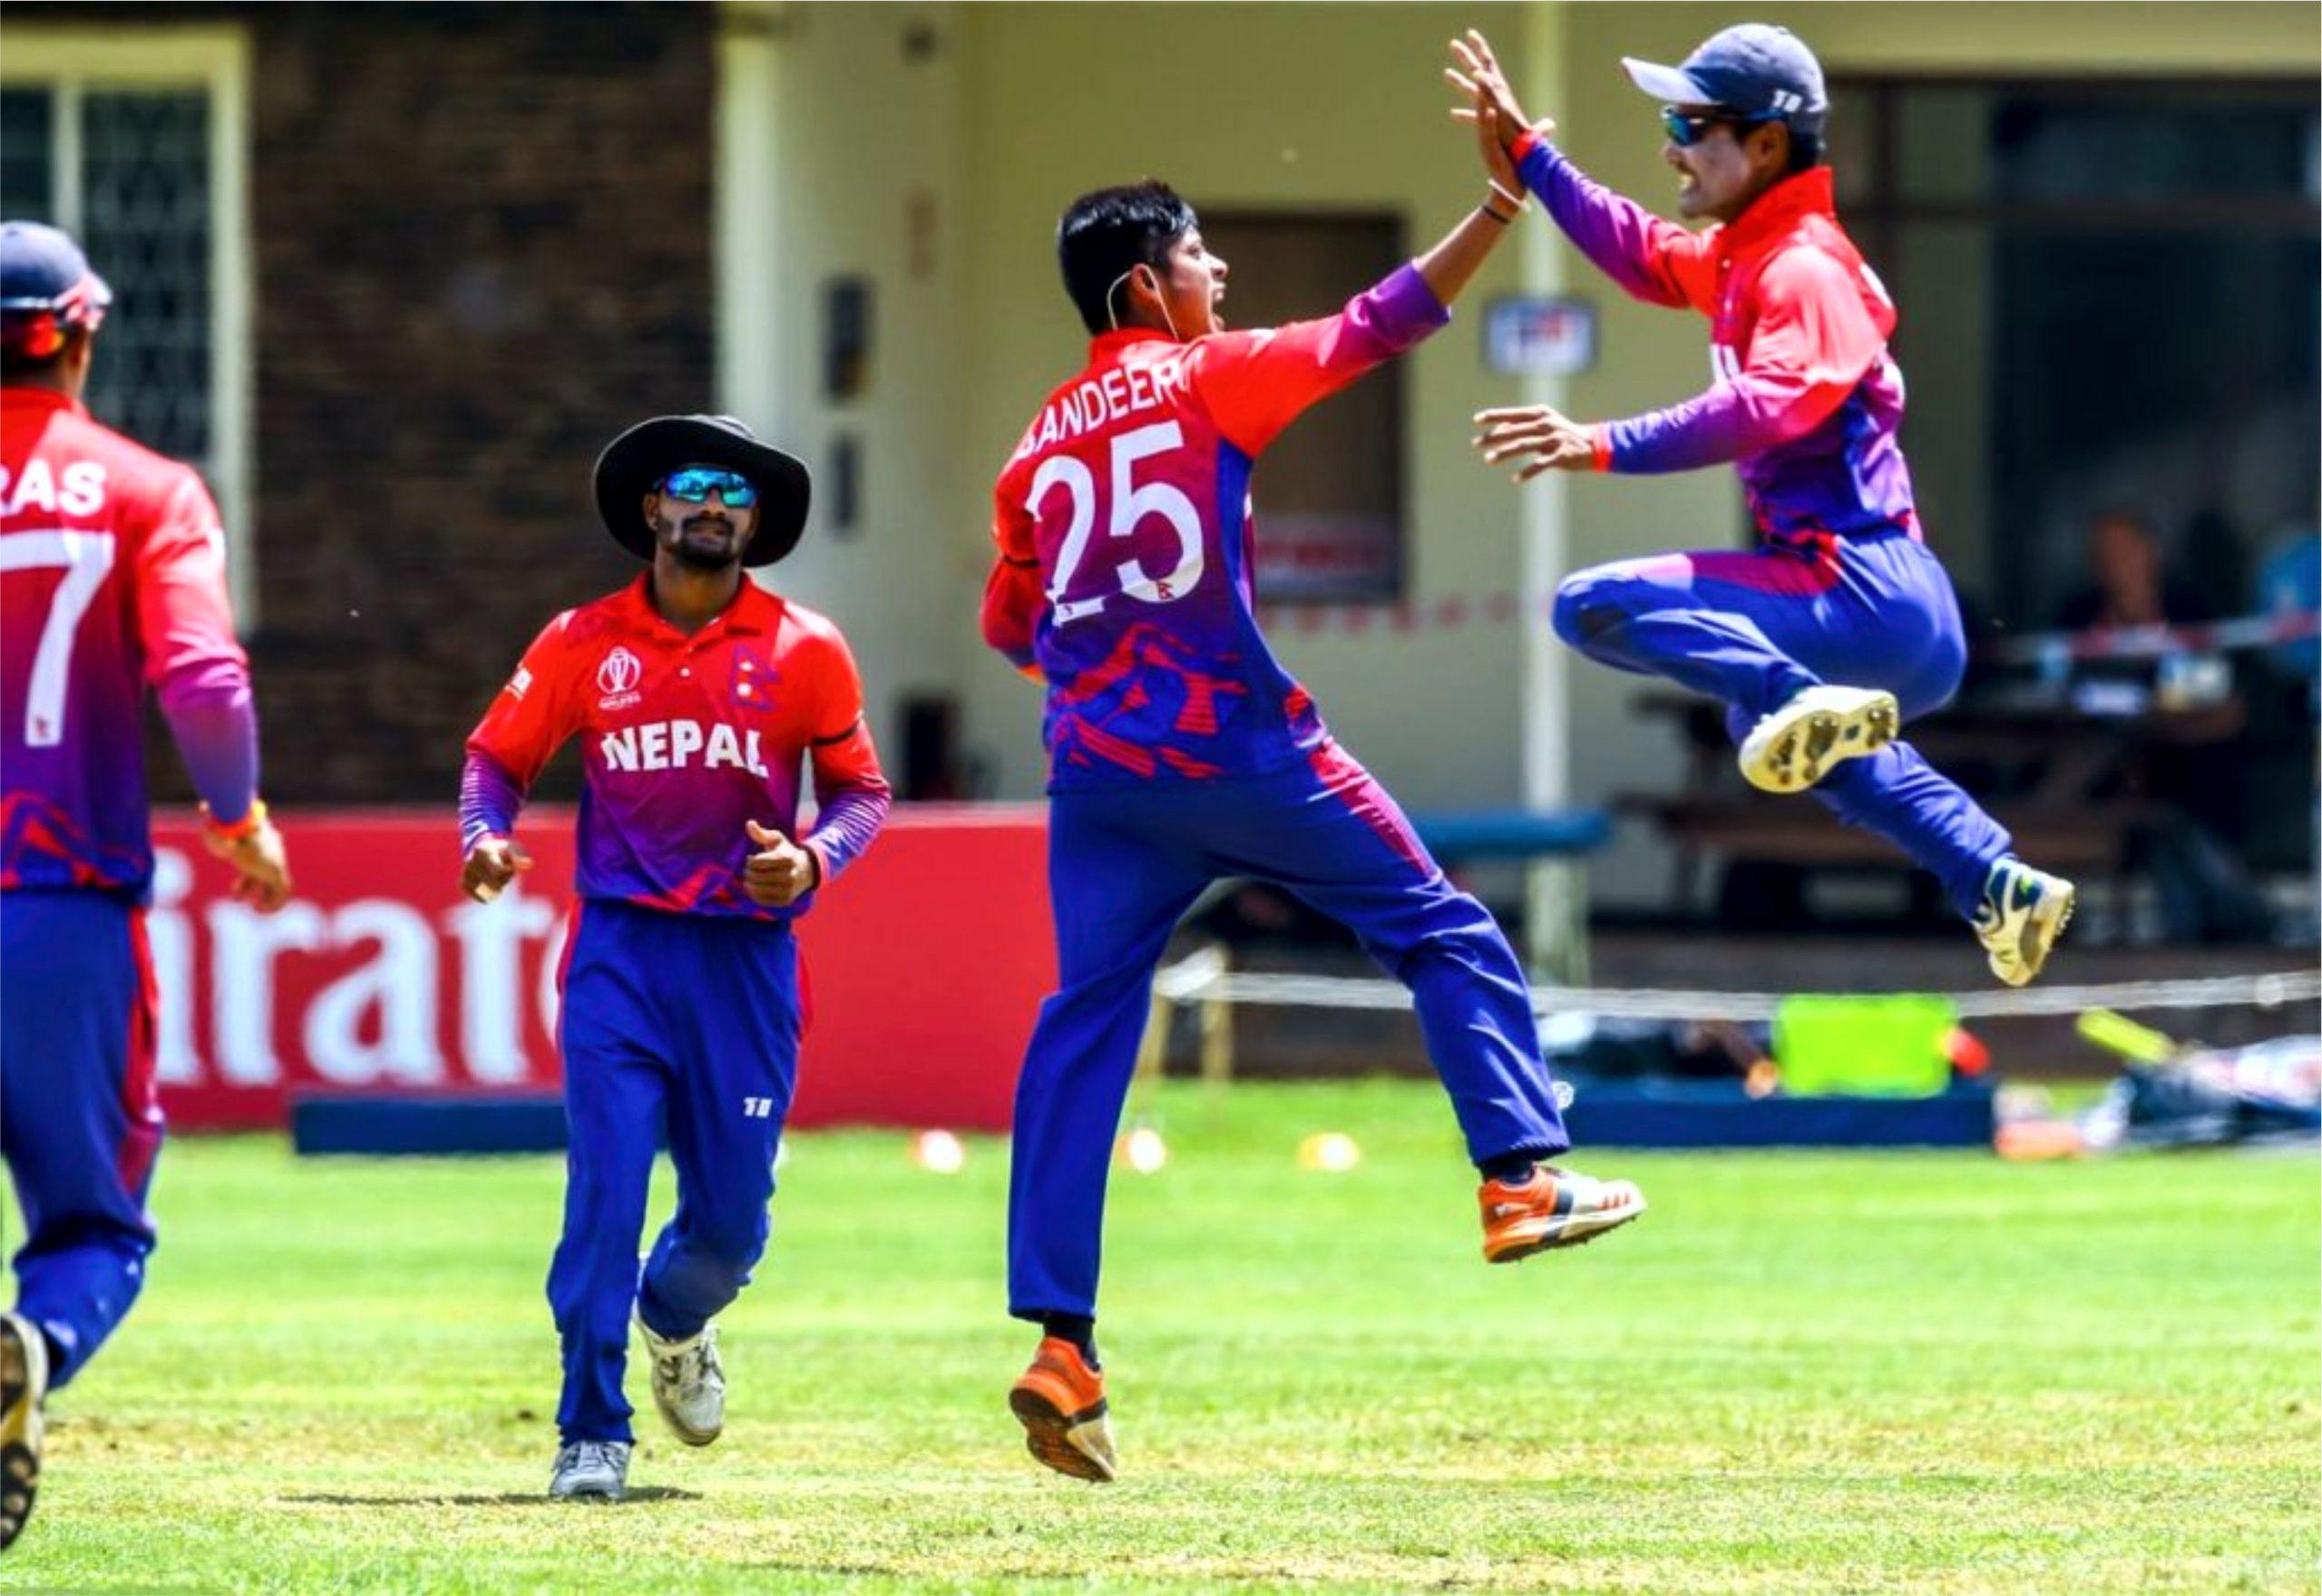 आज नेपाल र पीएनजीविचको एकदिवसीय अन्तराष्ट्रिय खेल हुदैं